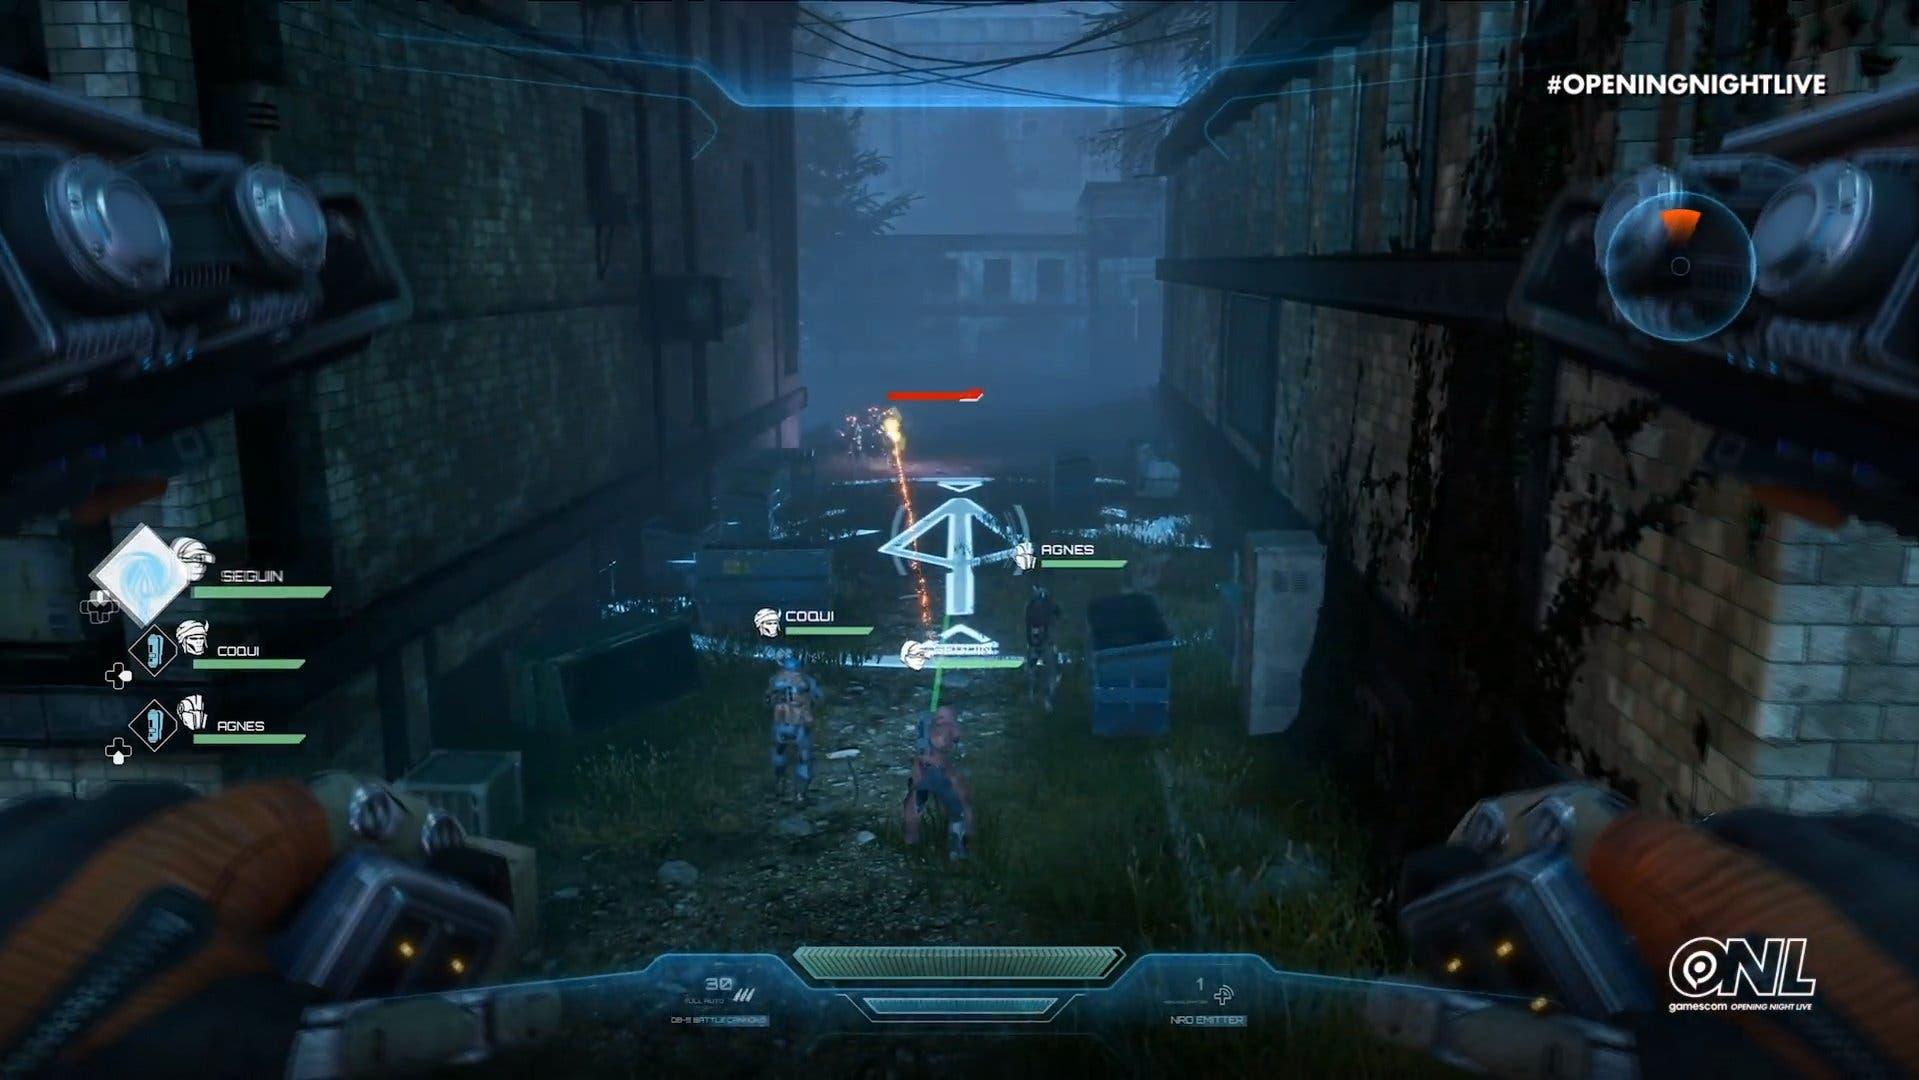 El shooter del co-creador de Halo, Disintegration, confirma su lanzamiento en Xbox One